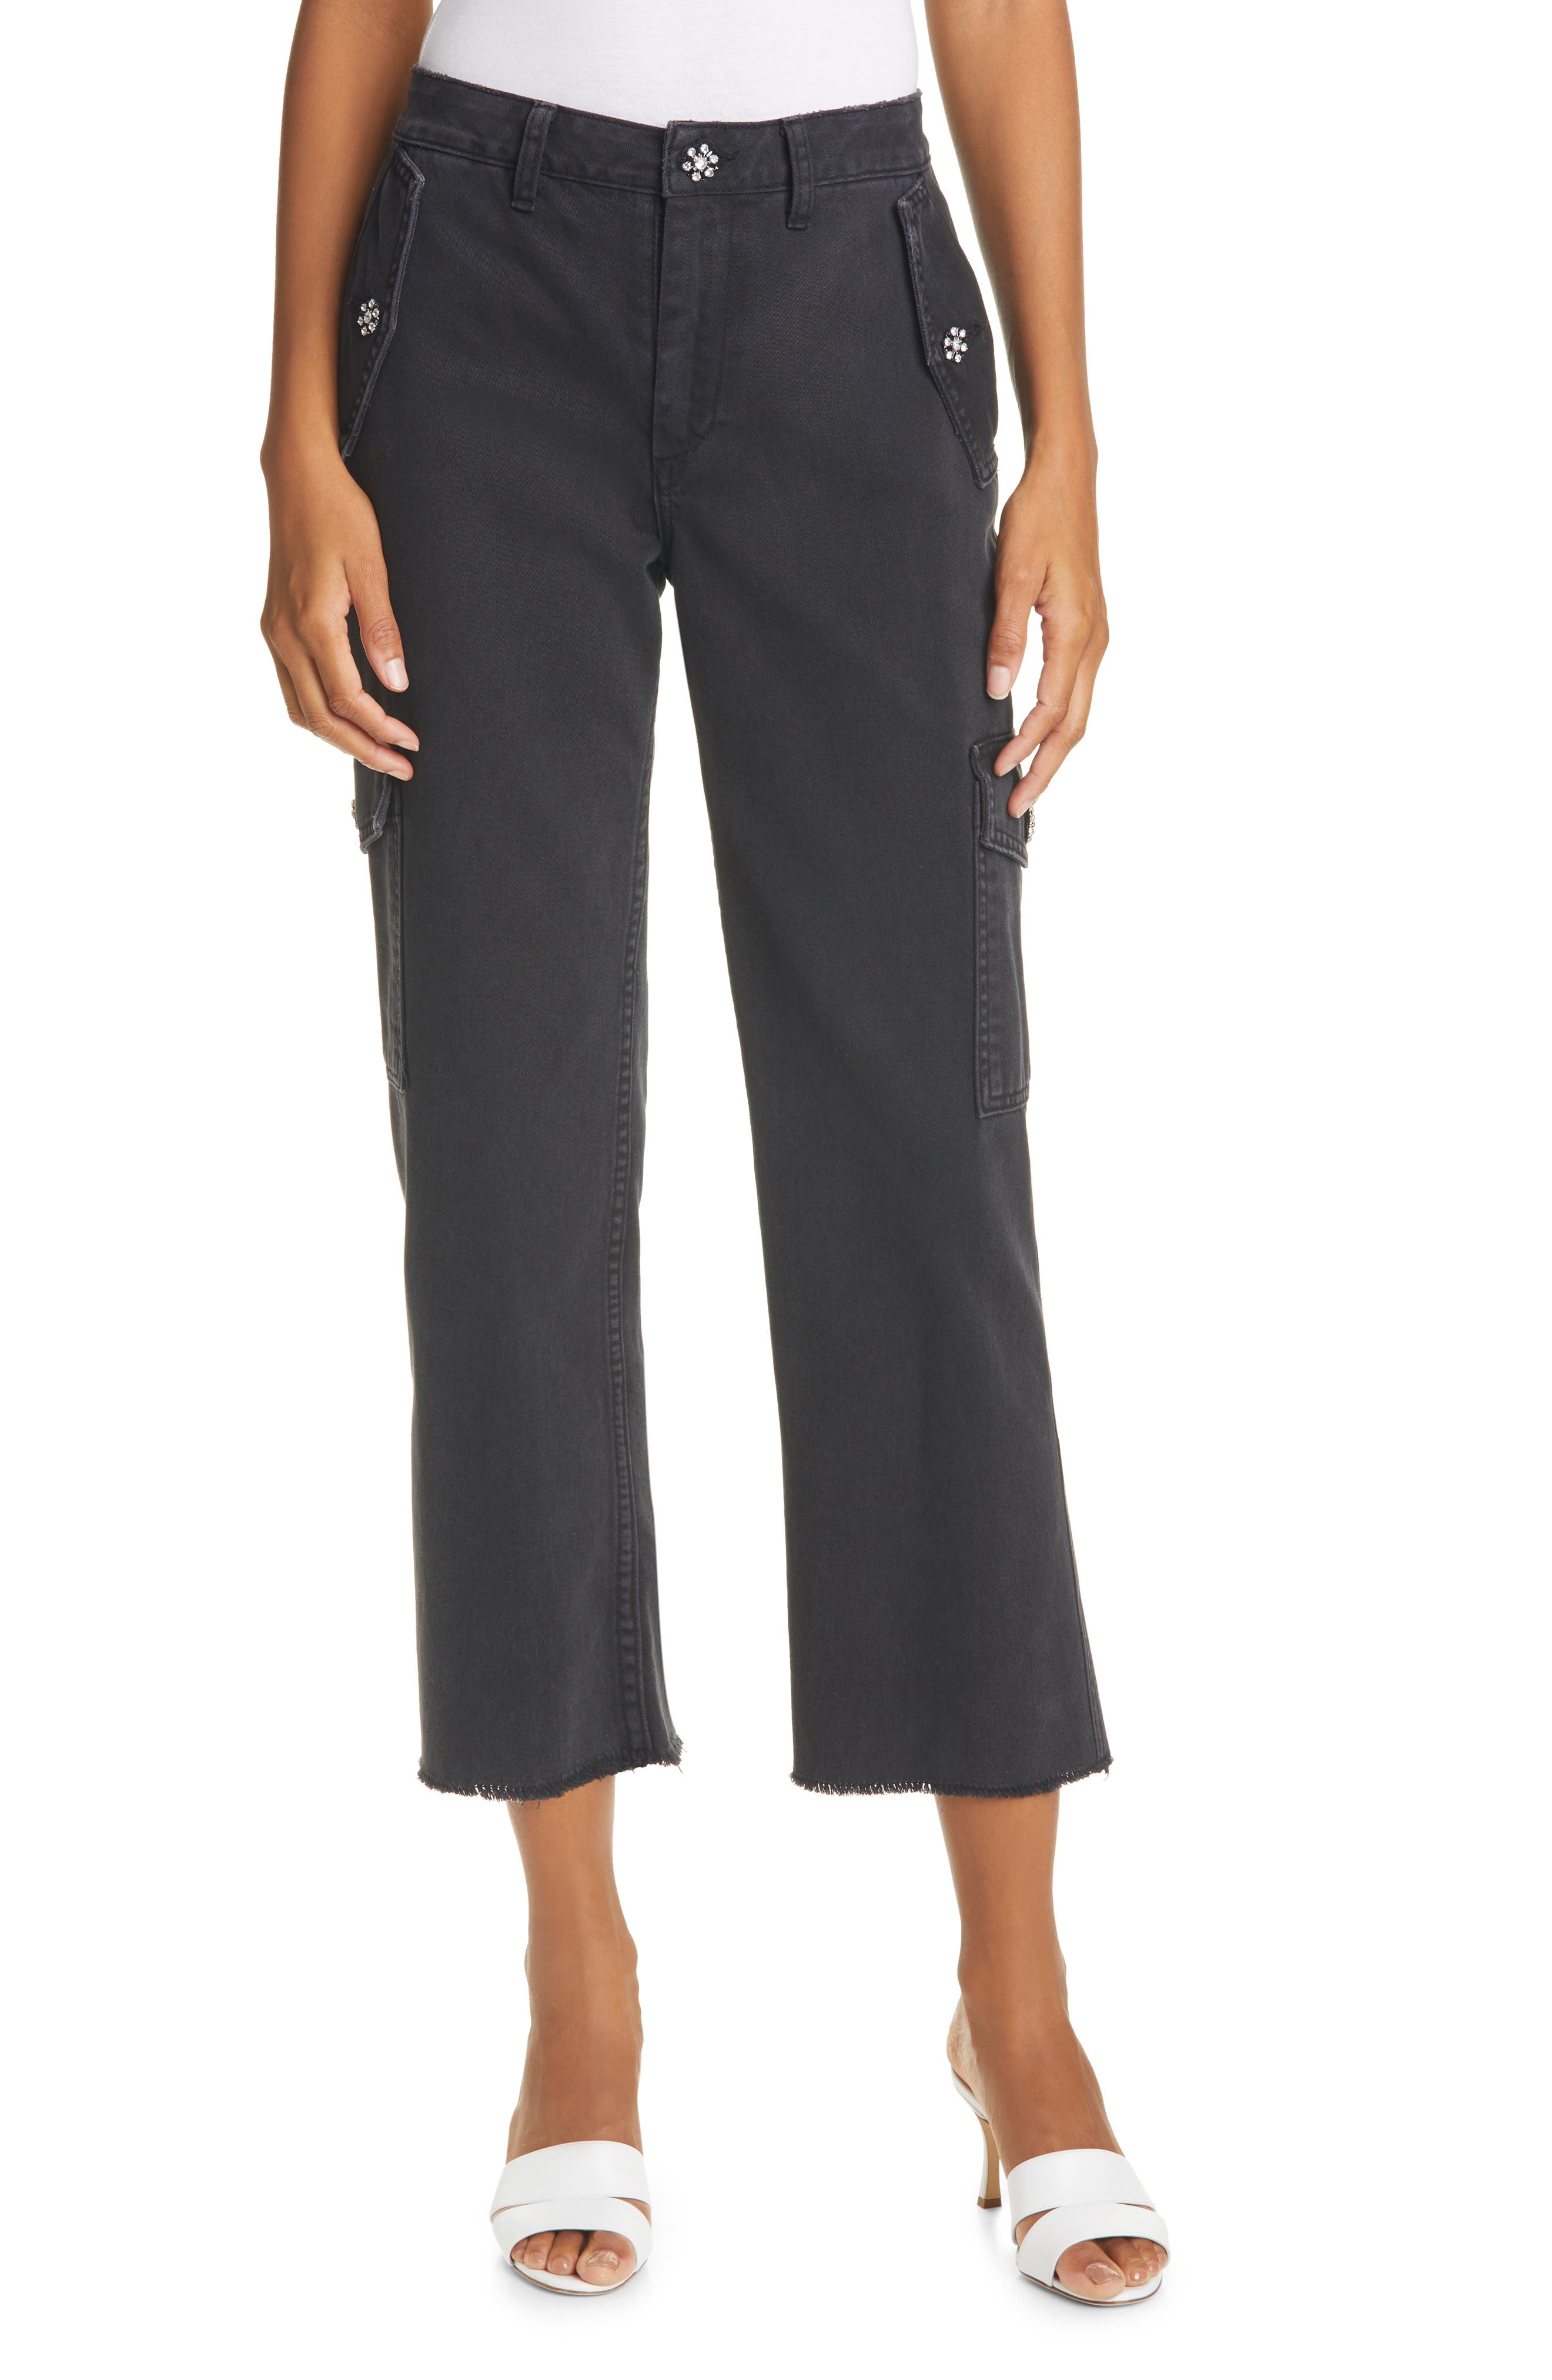 Embellished Crop Jeans